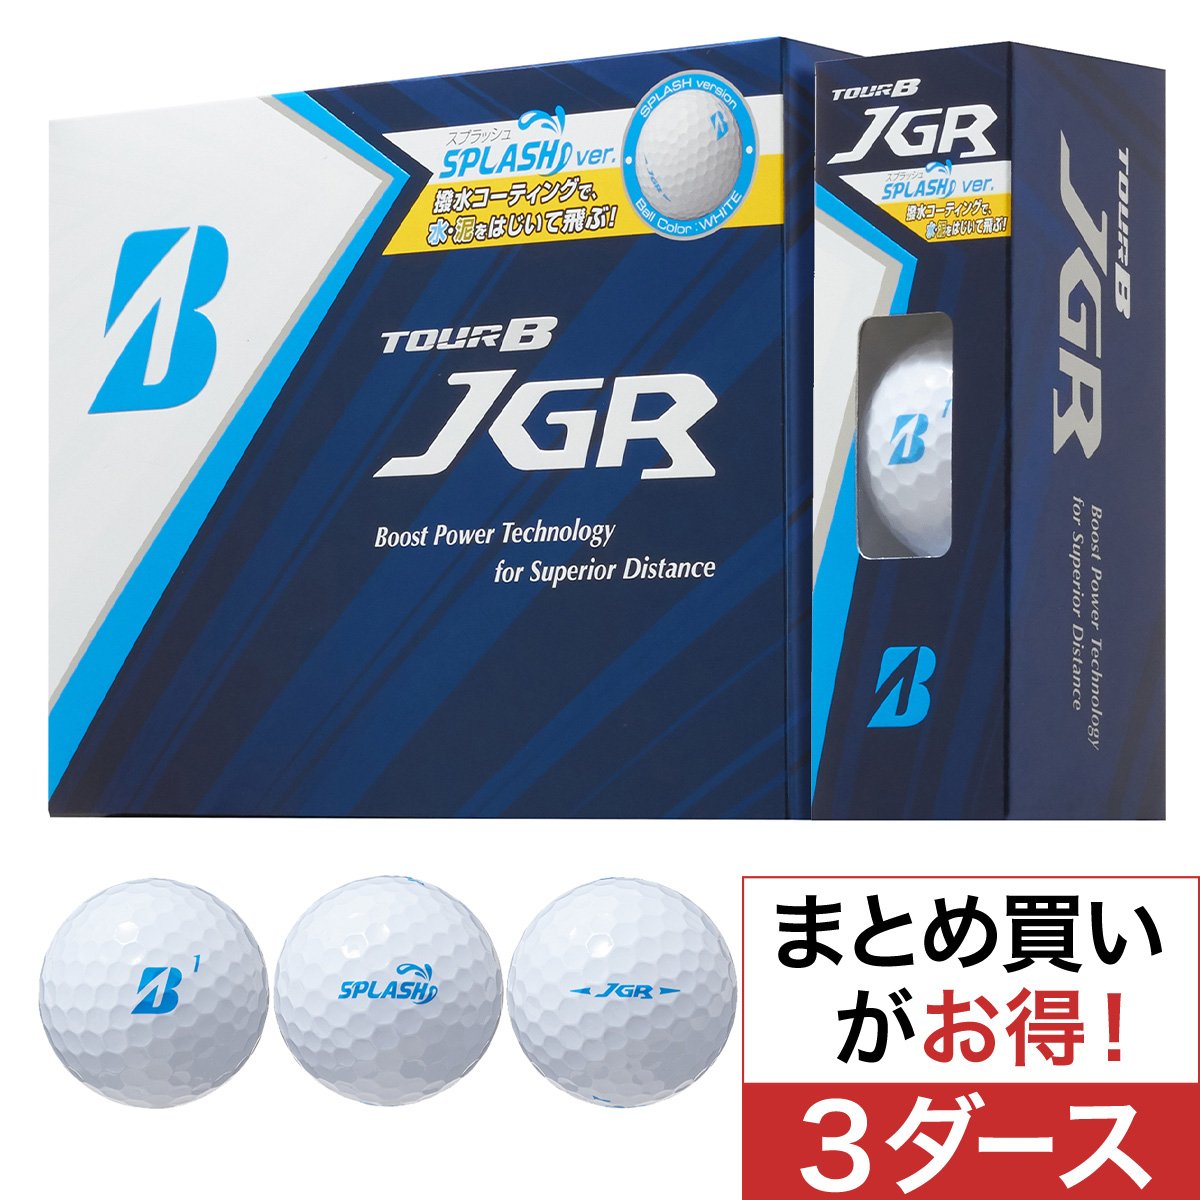 TOUR B JGR SPLASH ボール 3ダースセット